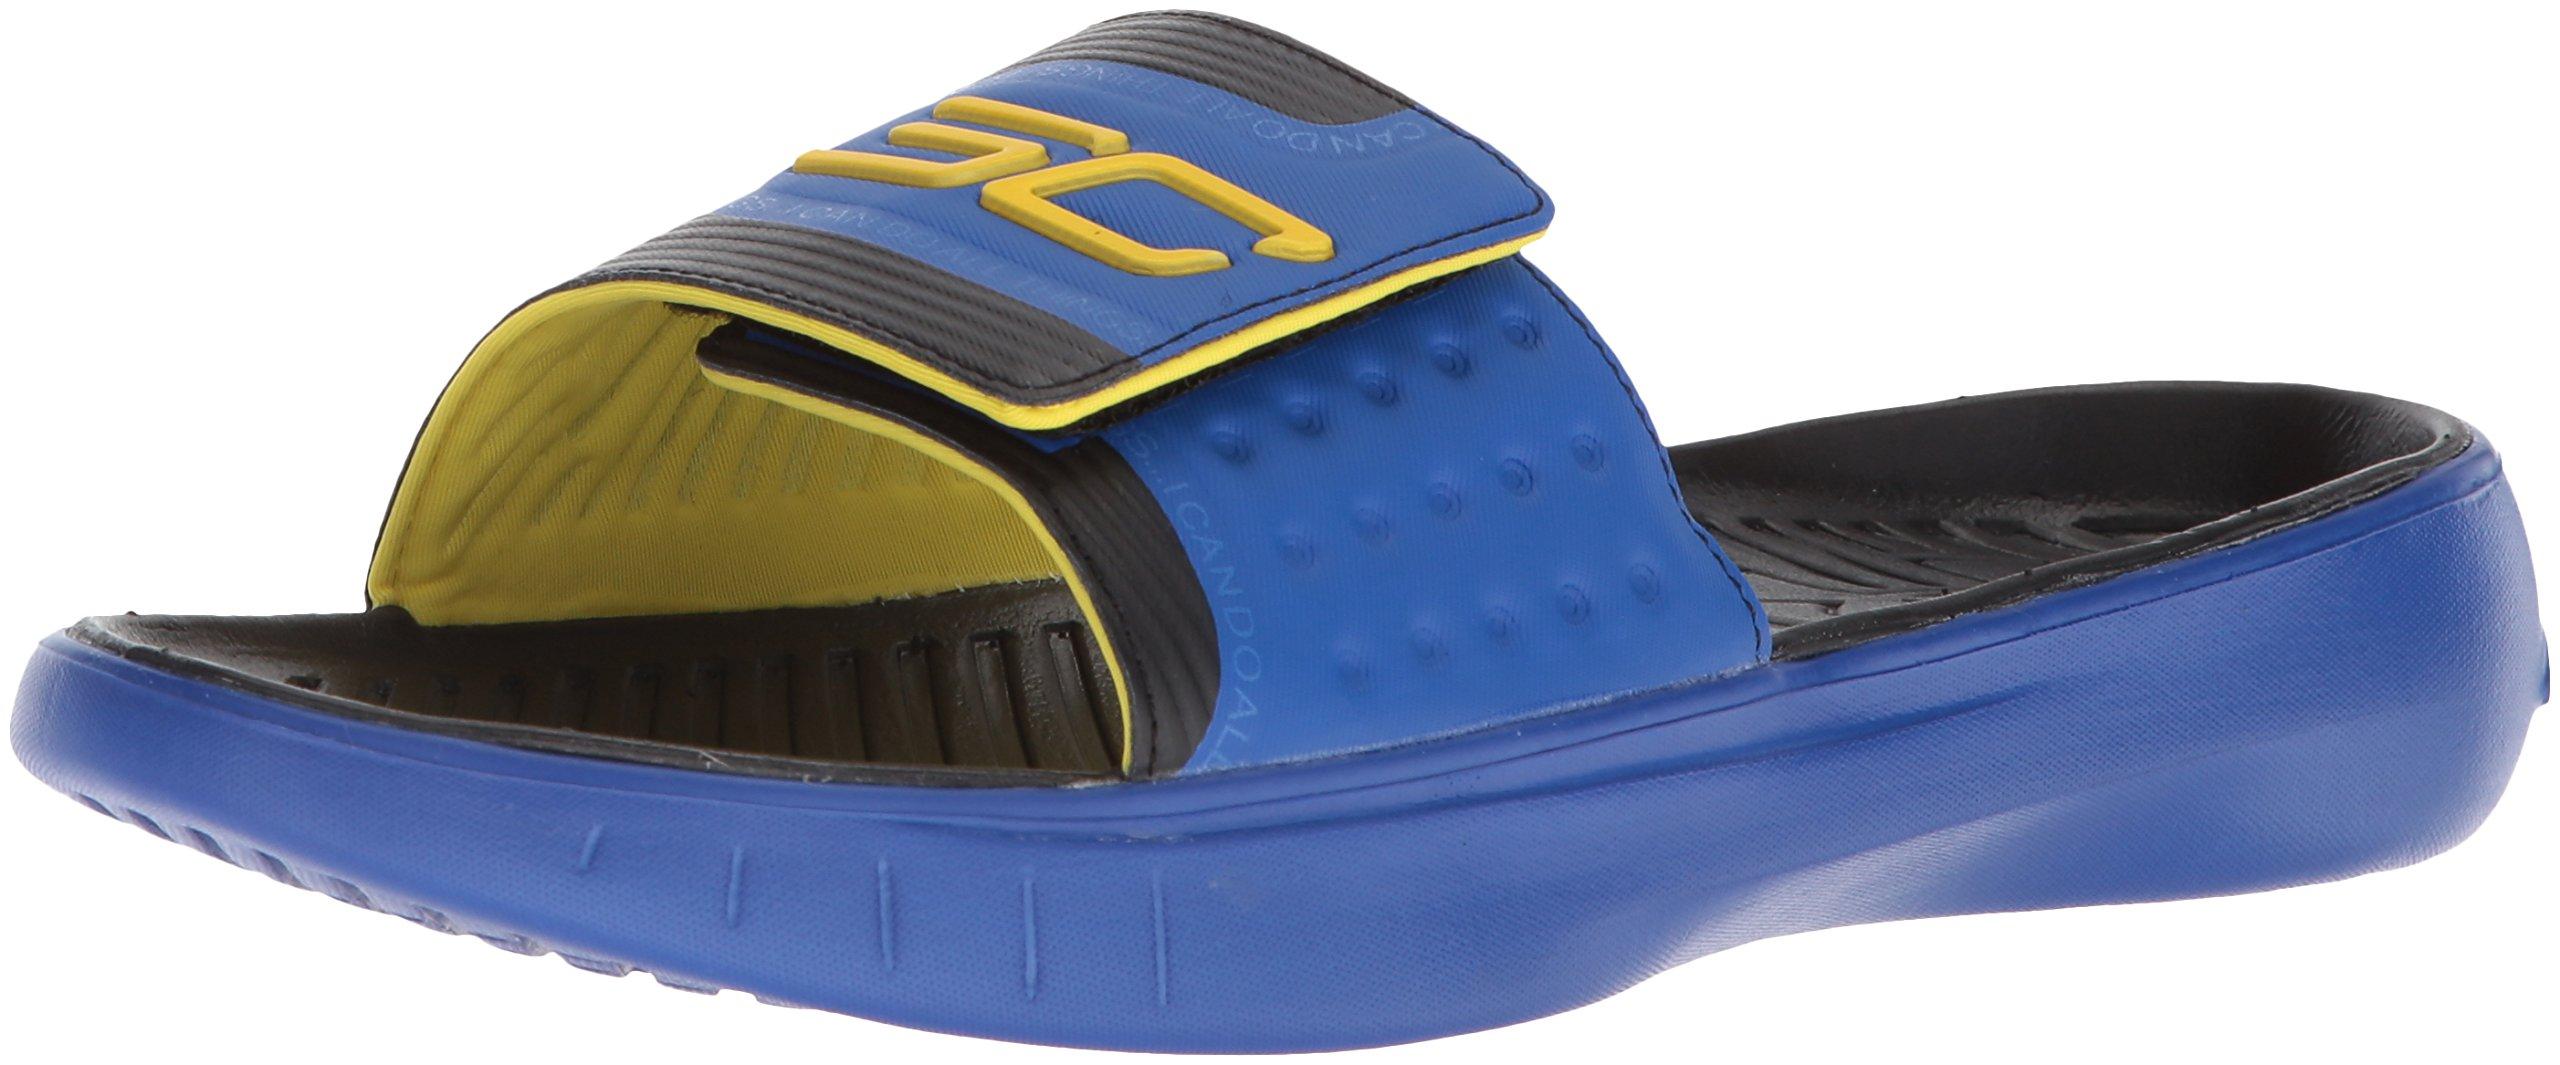 df5327f24fcc Galleon - Under Armour Men s Curry 4 Slides Sandal